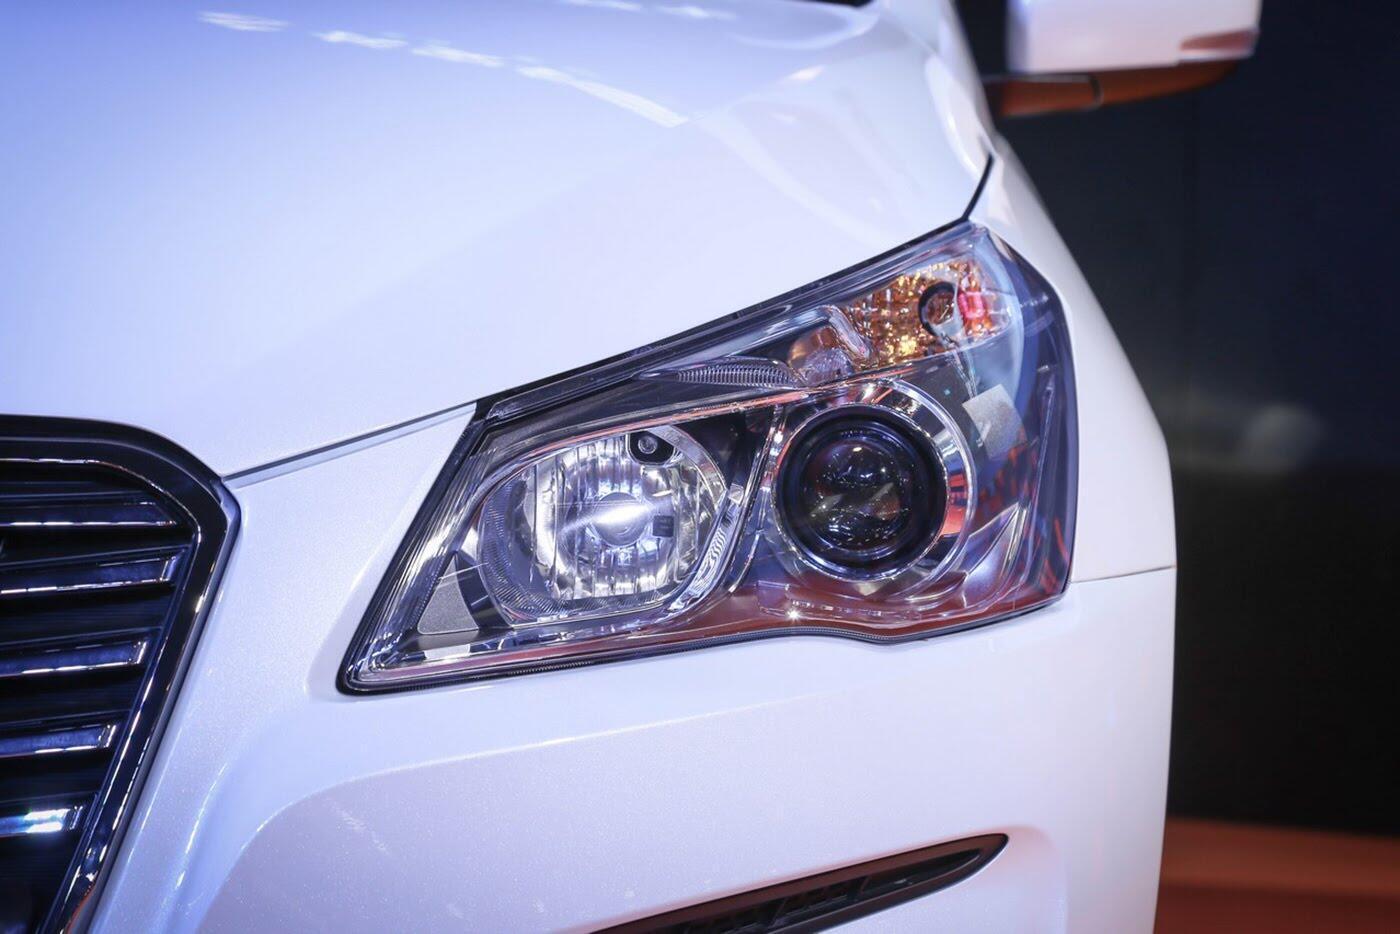 Suzuki Ciaz bản nâng cấp chính thức lộ diện - Hình 5